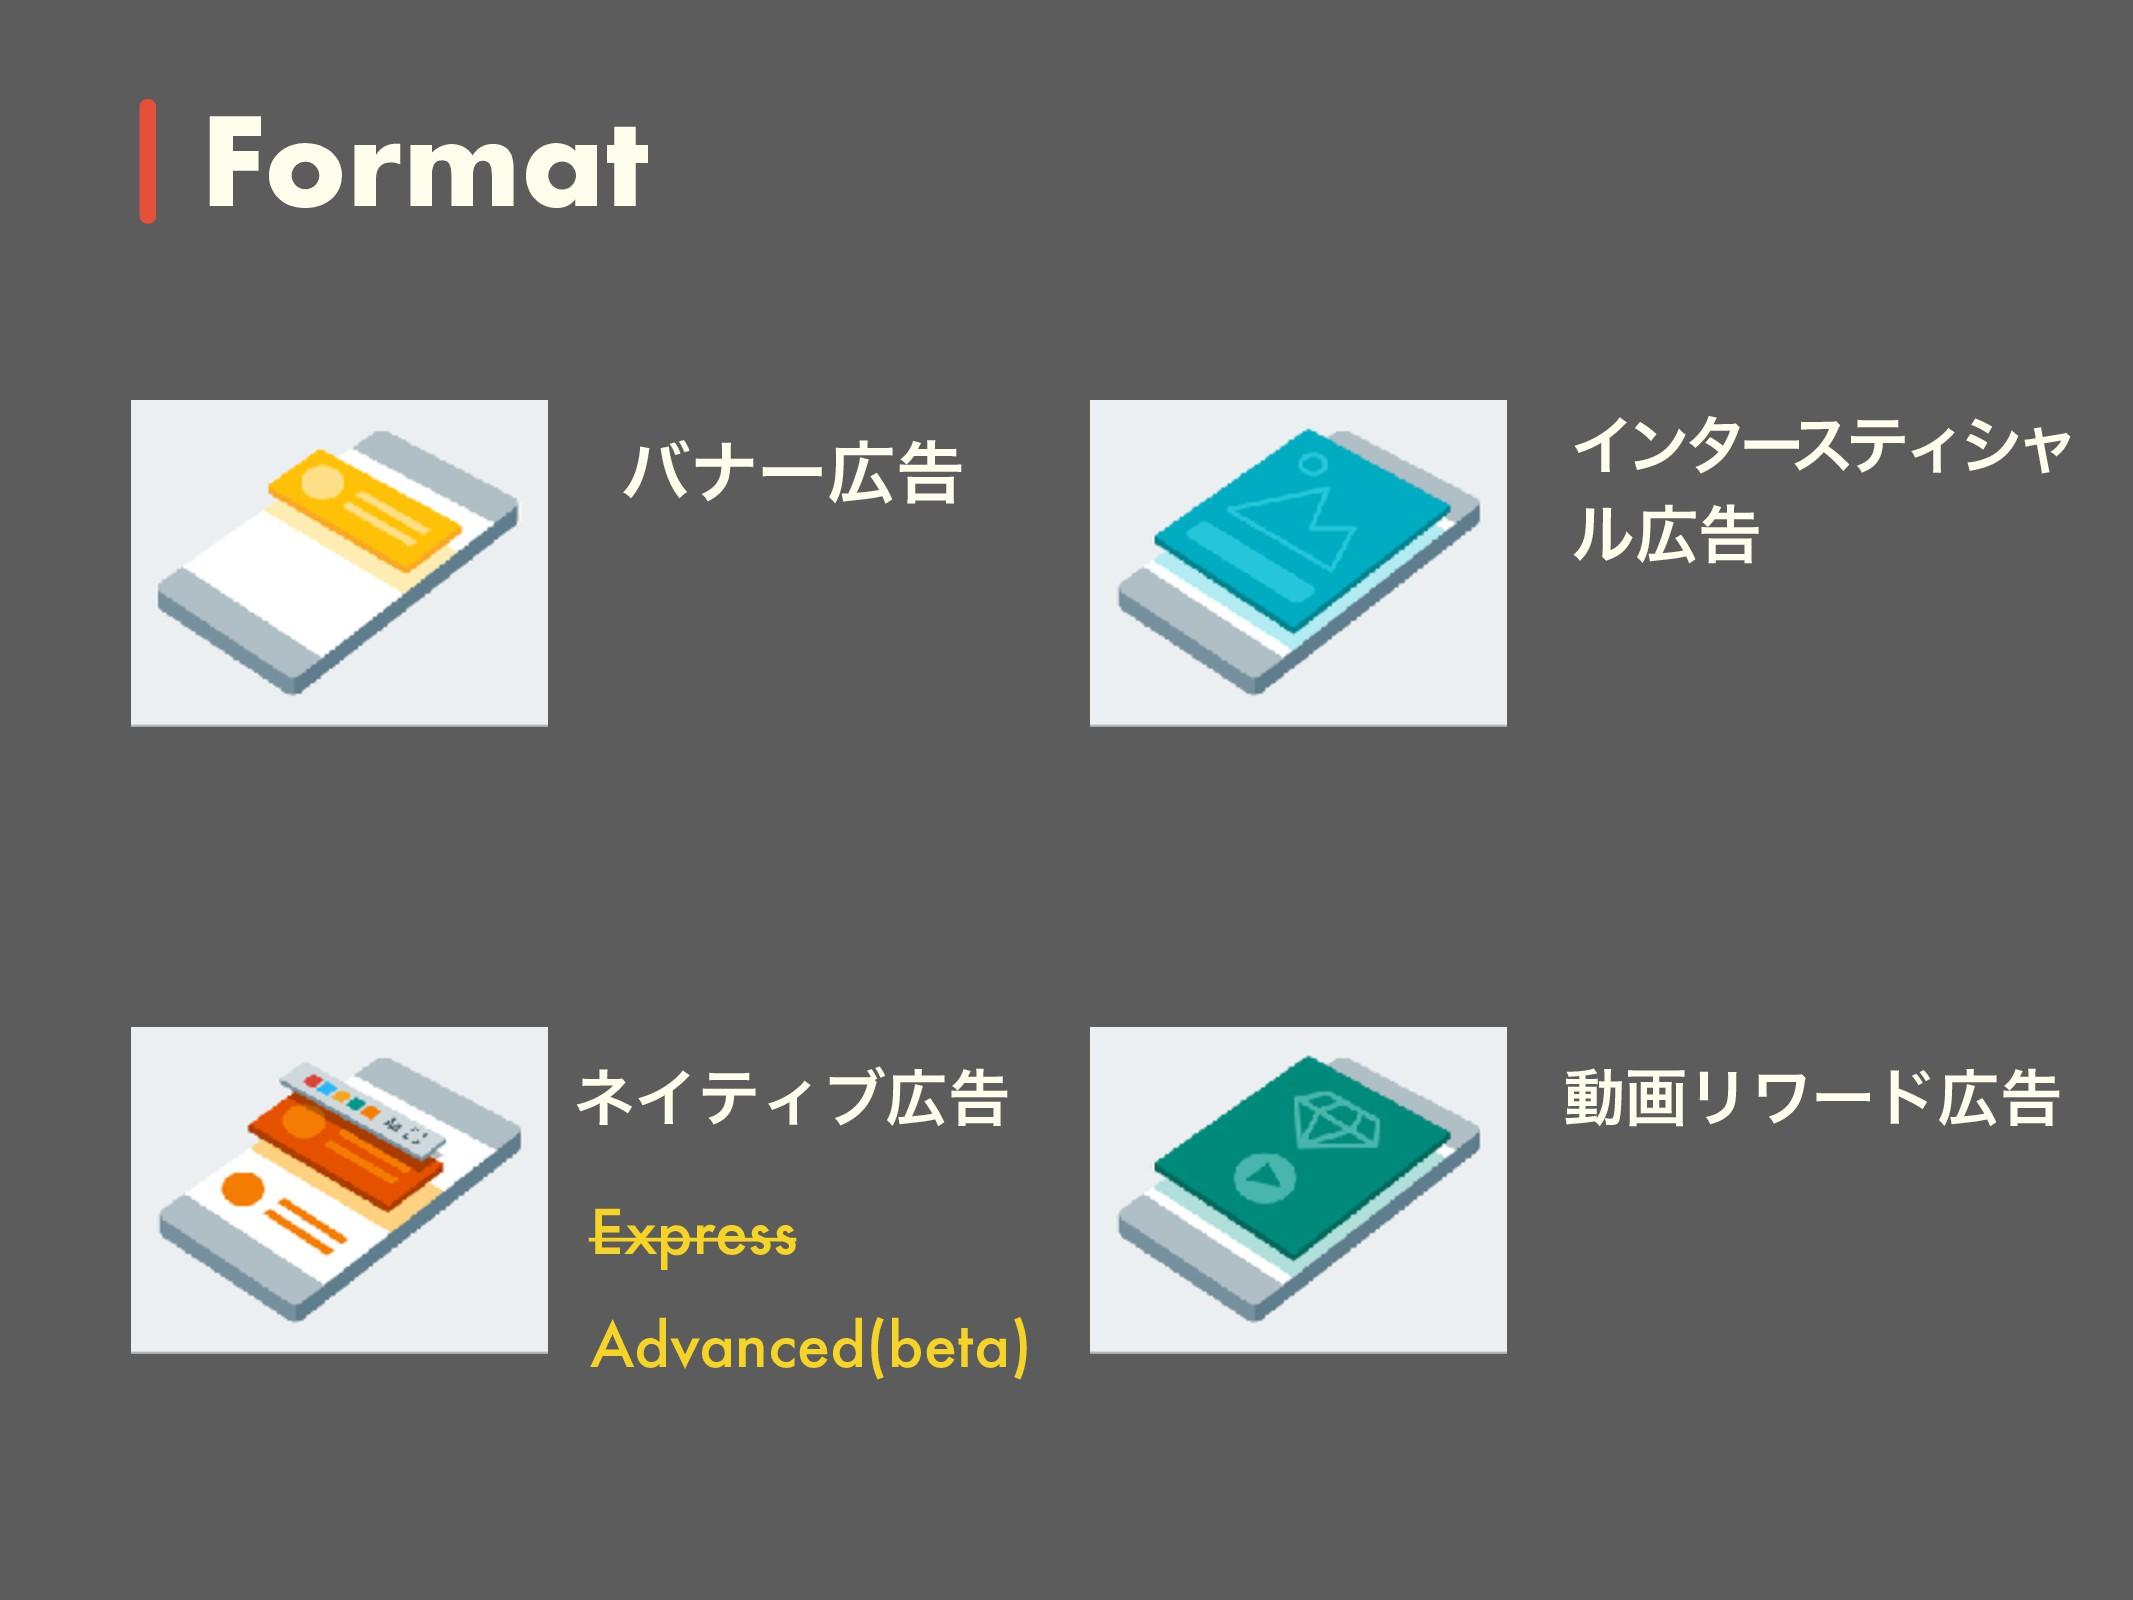 Format όφʔࠂ Πϯλʔ εςΟγϟ ϧࠂ ωΠςΟϒࠂ ಈըϦϫʔυࠂ Ex...